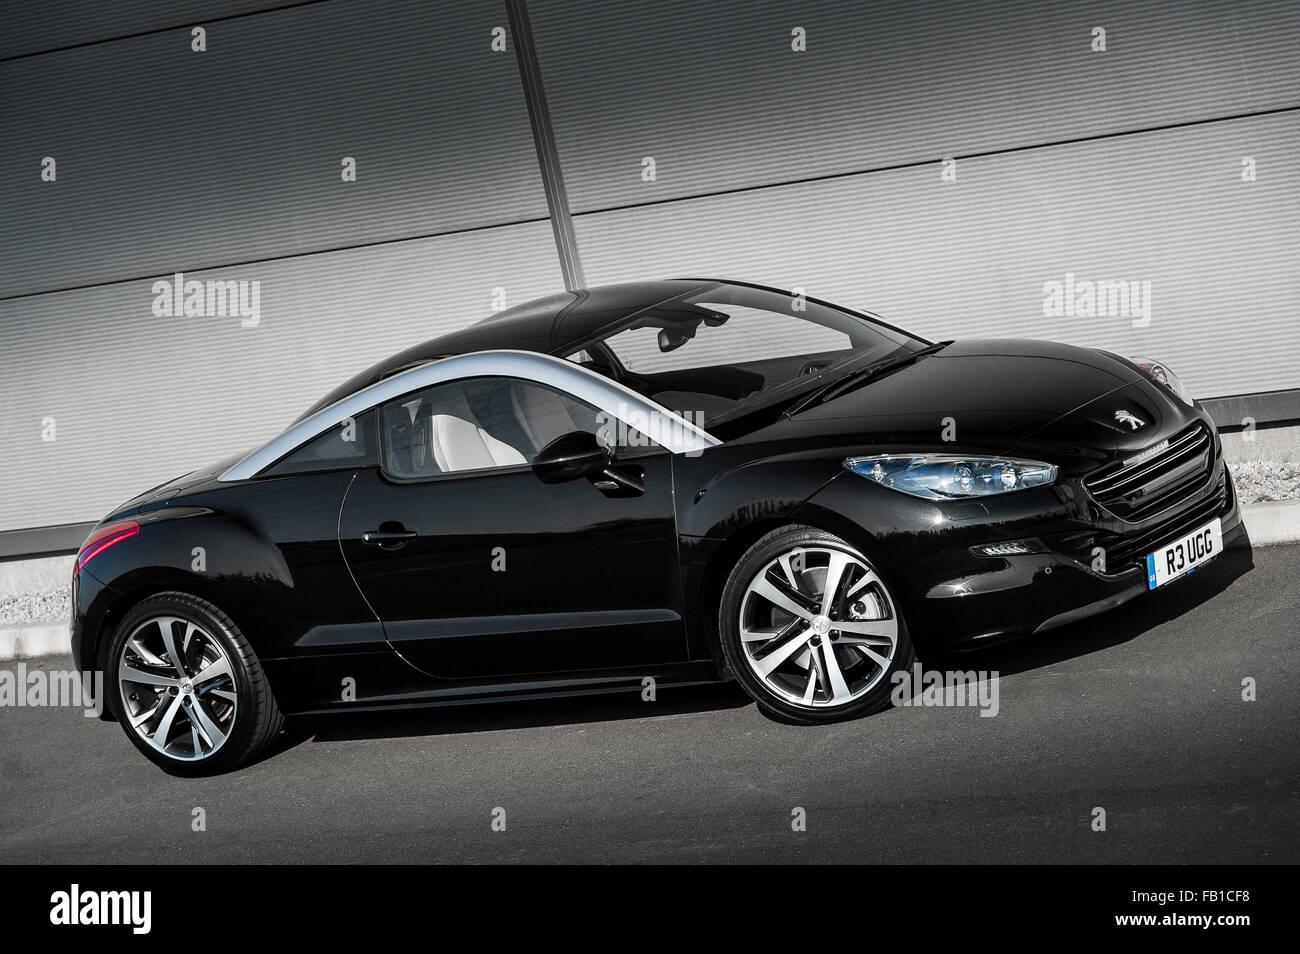 Peugeot Rcz Coupe Noir Voiture De Sport Banque D Images Photo Stock